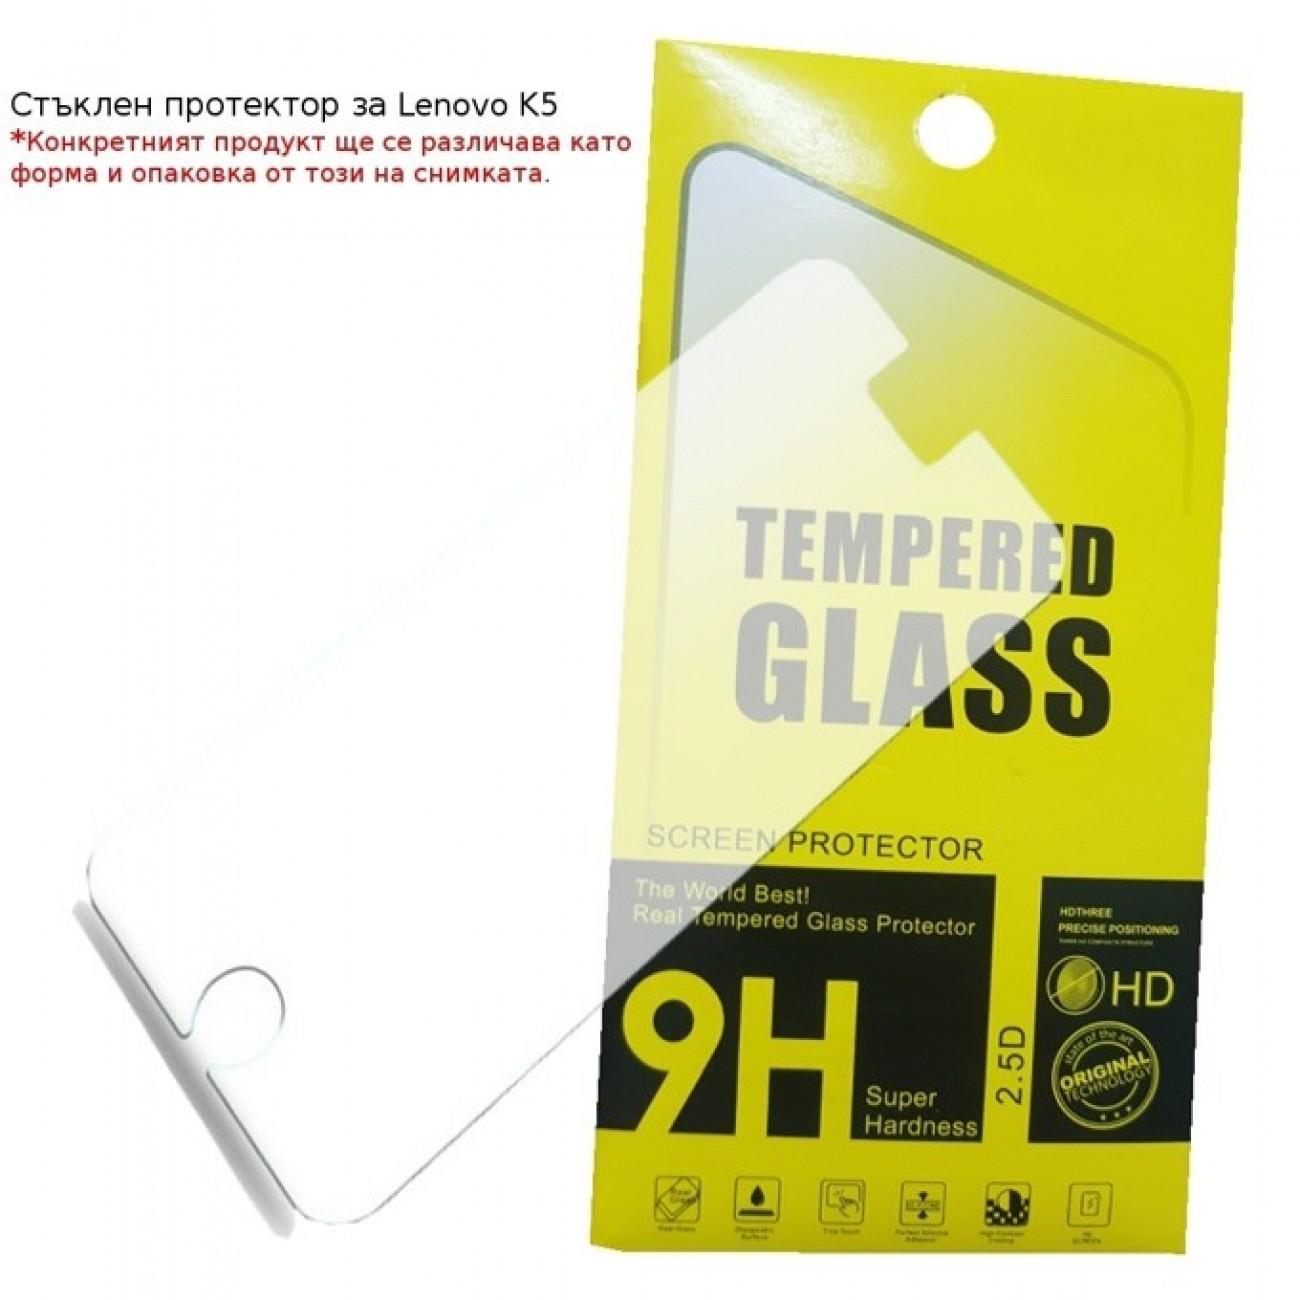 Протектор от закалено стъкло /Tempered Glass/, за Lenovo K5, (смартфон) в Защитно фолио -  | Alleop